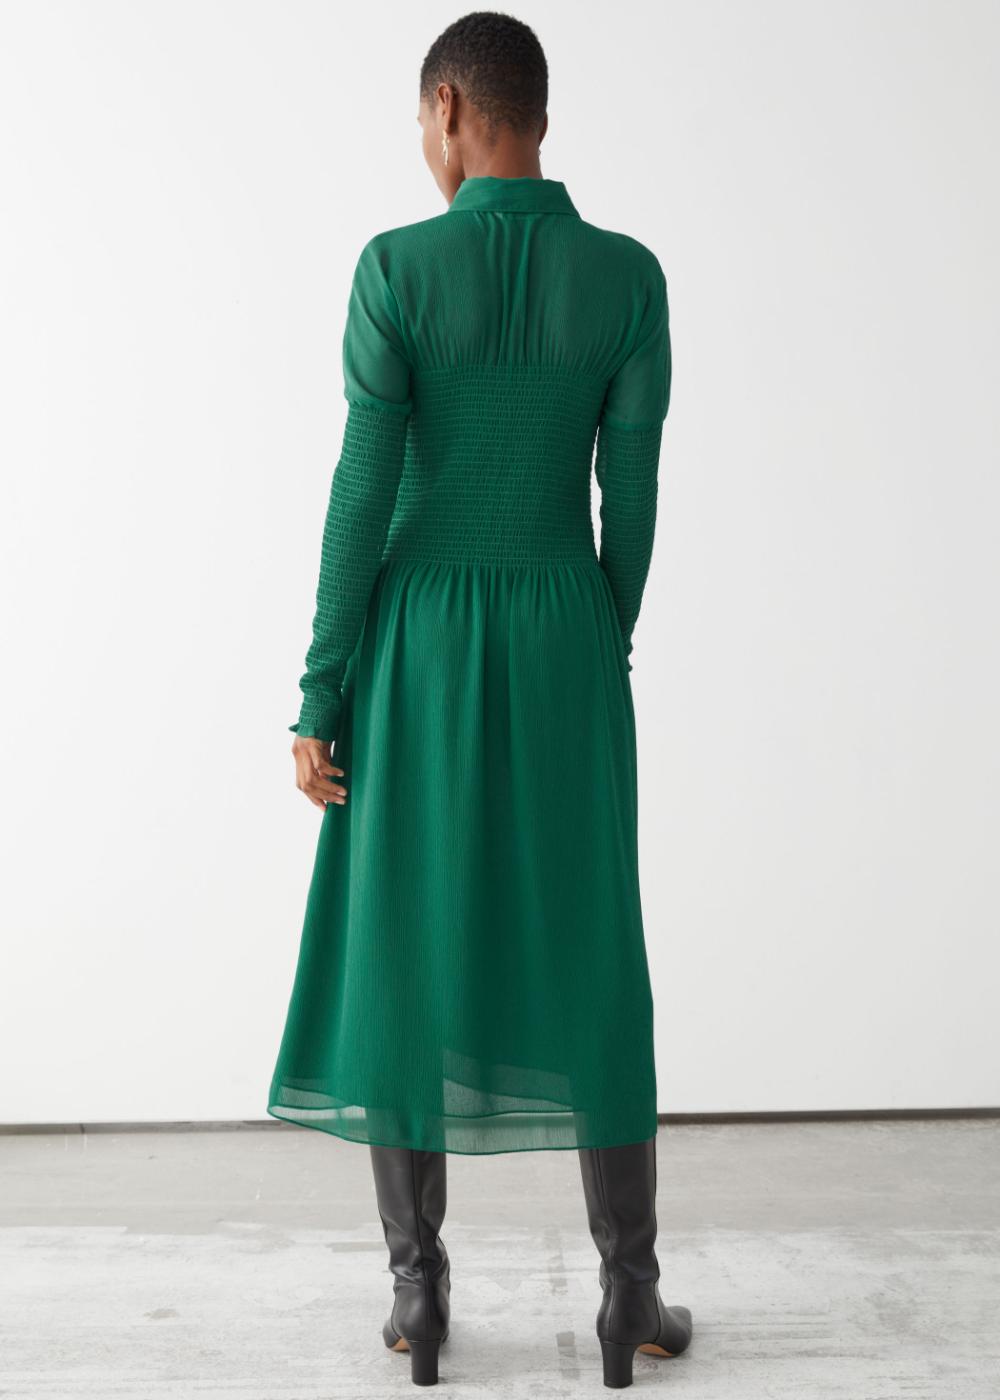 Smocked Button Up Midi Dress Midi Dress Dresses Green Midi Dress [ 1400 x 1000 Pixel ]